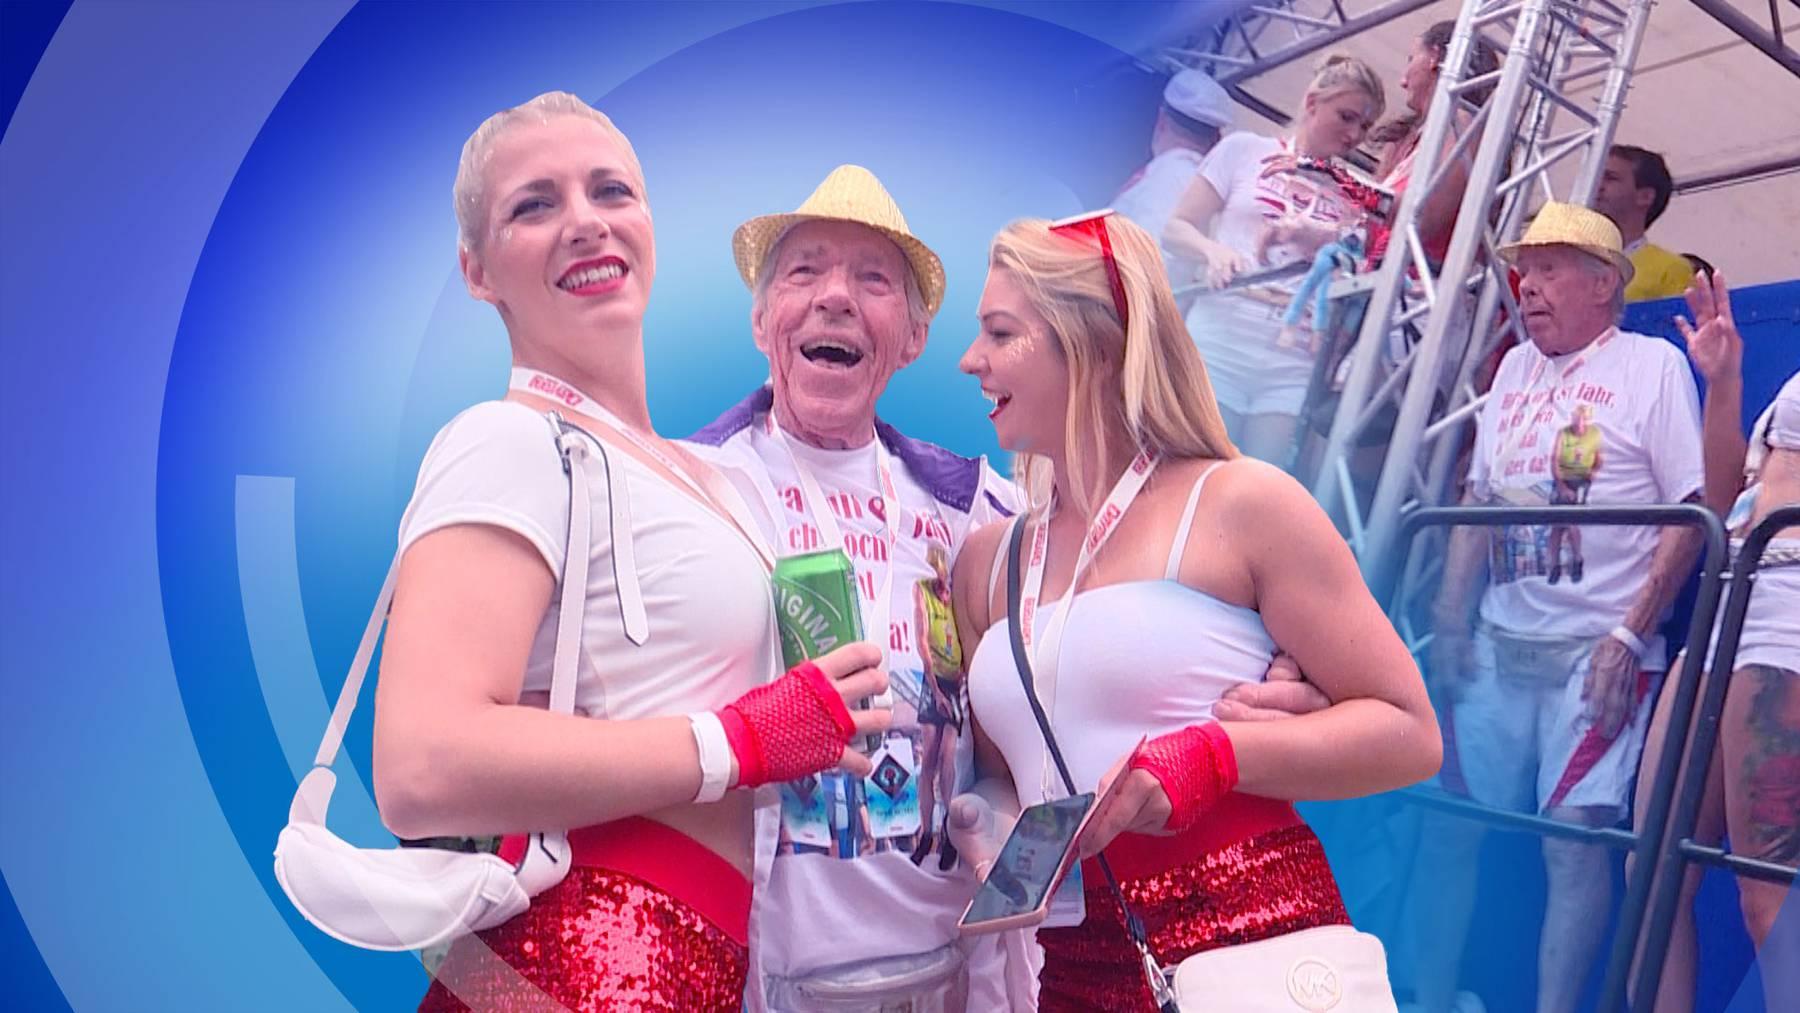 Techno-Opa Ein 81-jähriger Aargauer tanzt an der Street-Parade wie ein Teenie